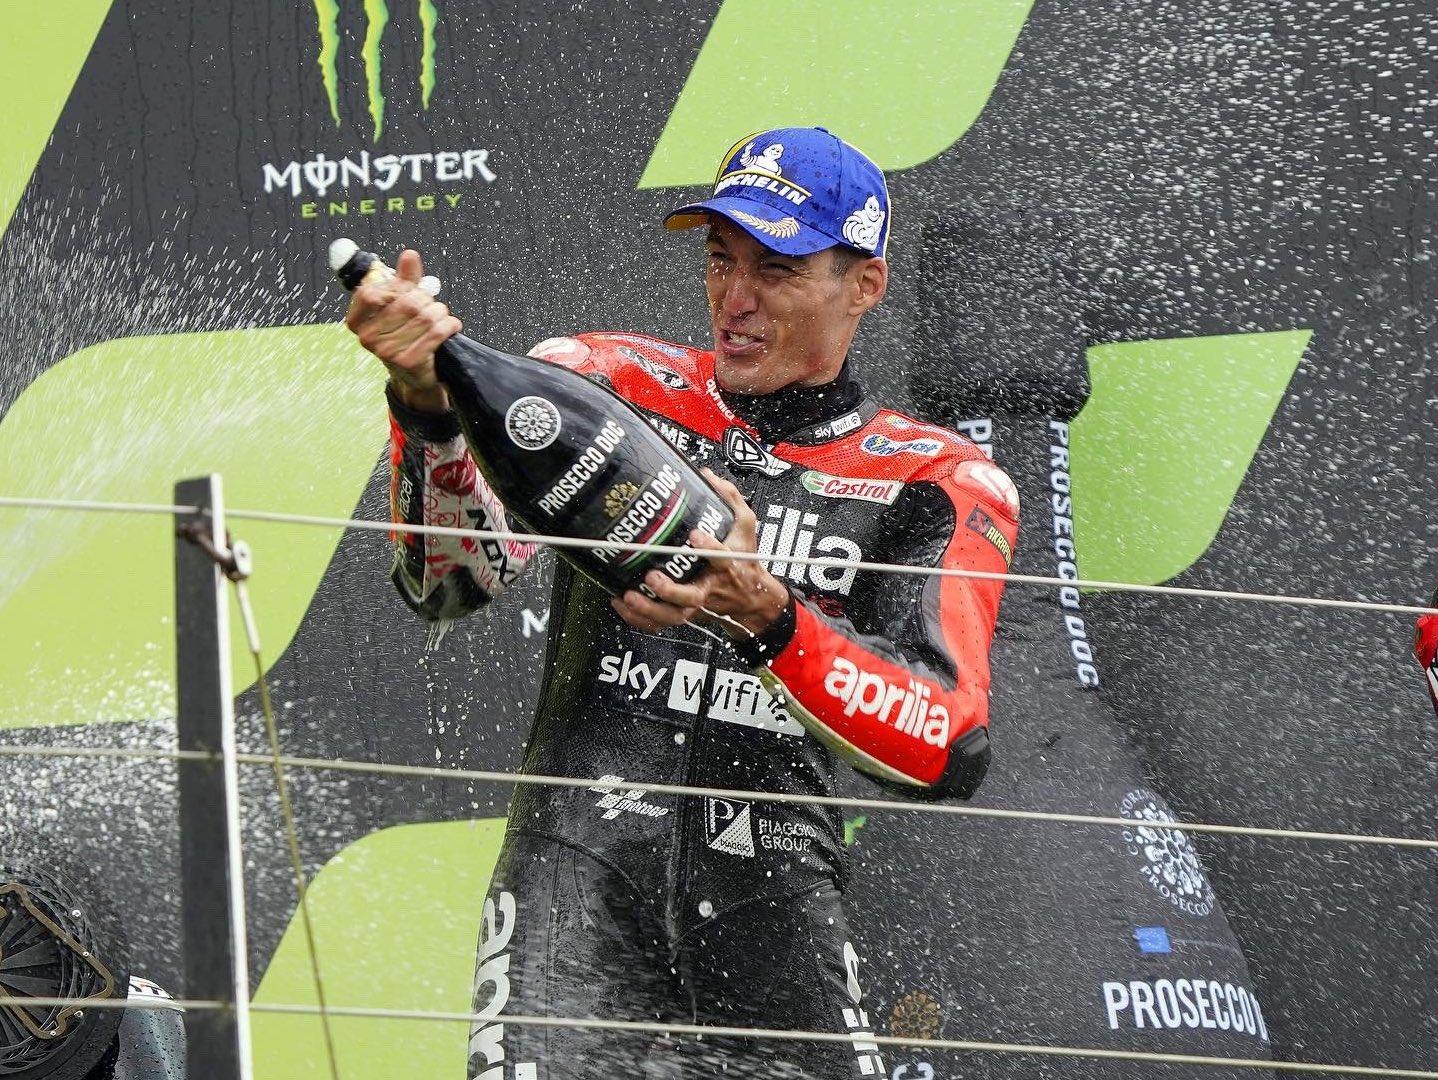 Resultados MRN MotoLeague Gran Premio de Gran Bretaña